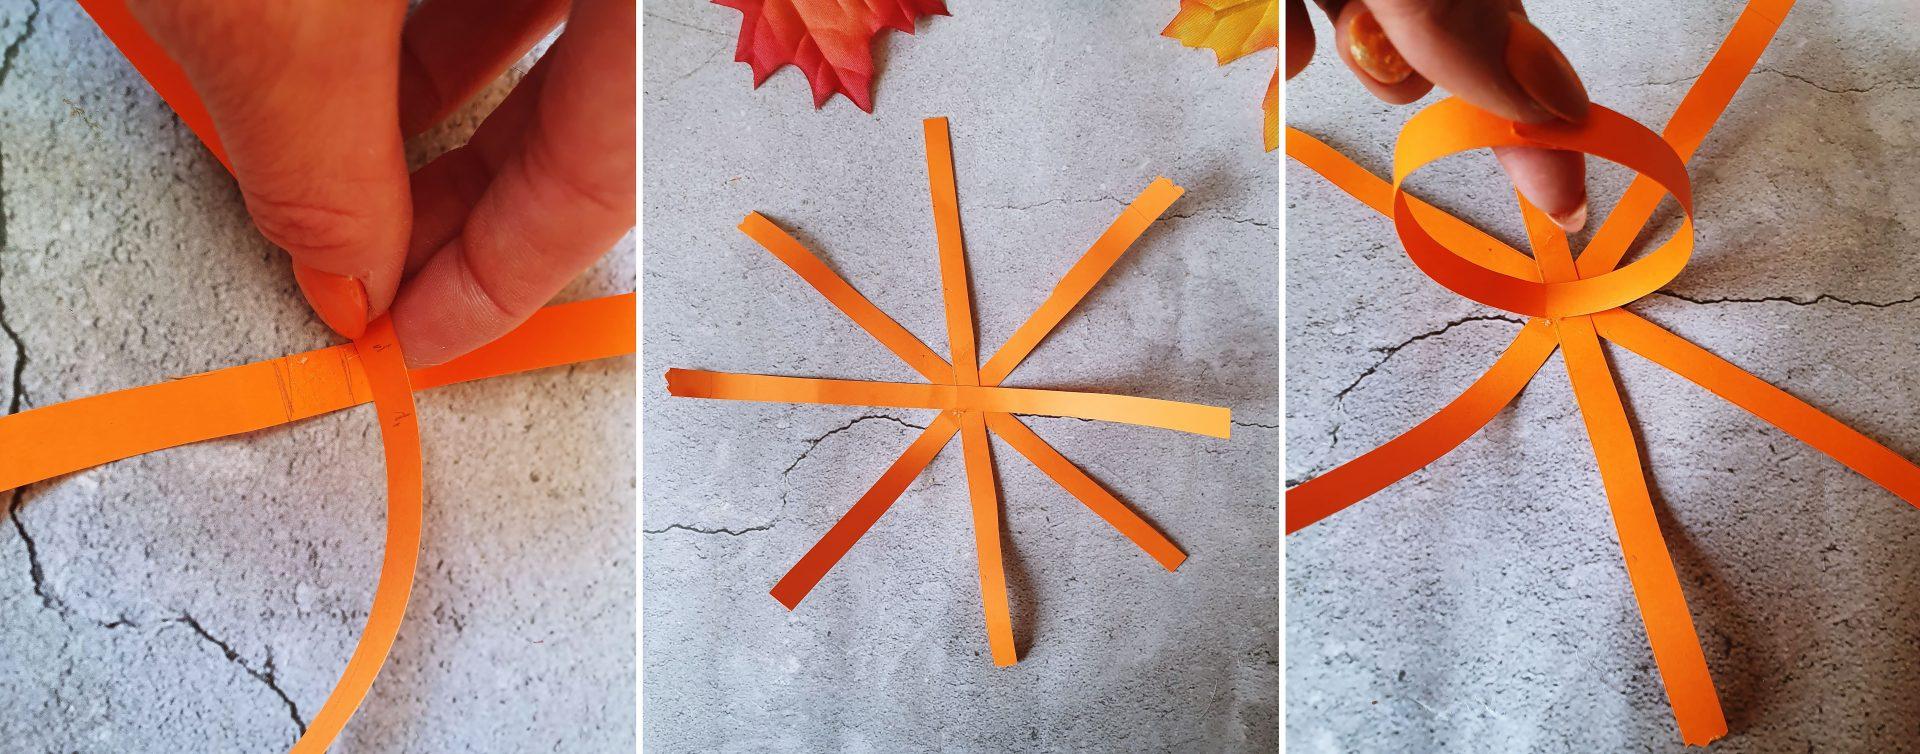 jak zrobić dynię z papieru